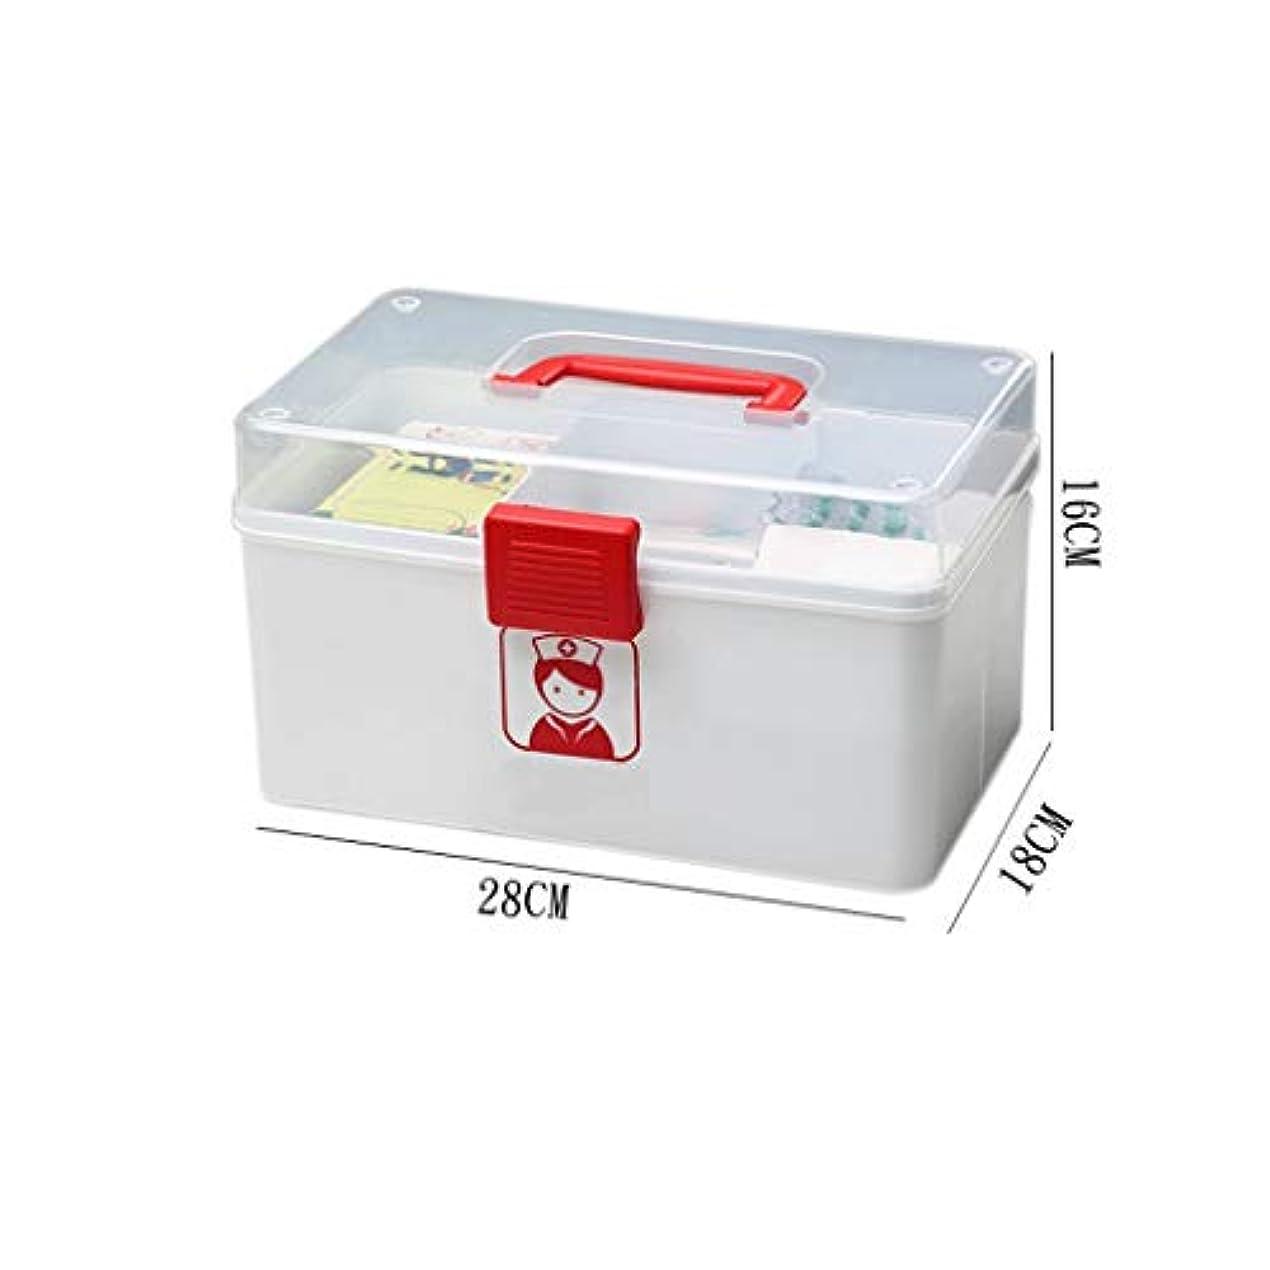 行く称賛プライムWXYXG 家庭用薬箱こども応急処置キット薬収納ボックスプラスチック携帯用薬箱 (Color : White, Size : 28cm×18cm×16cm)